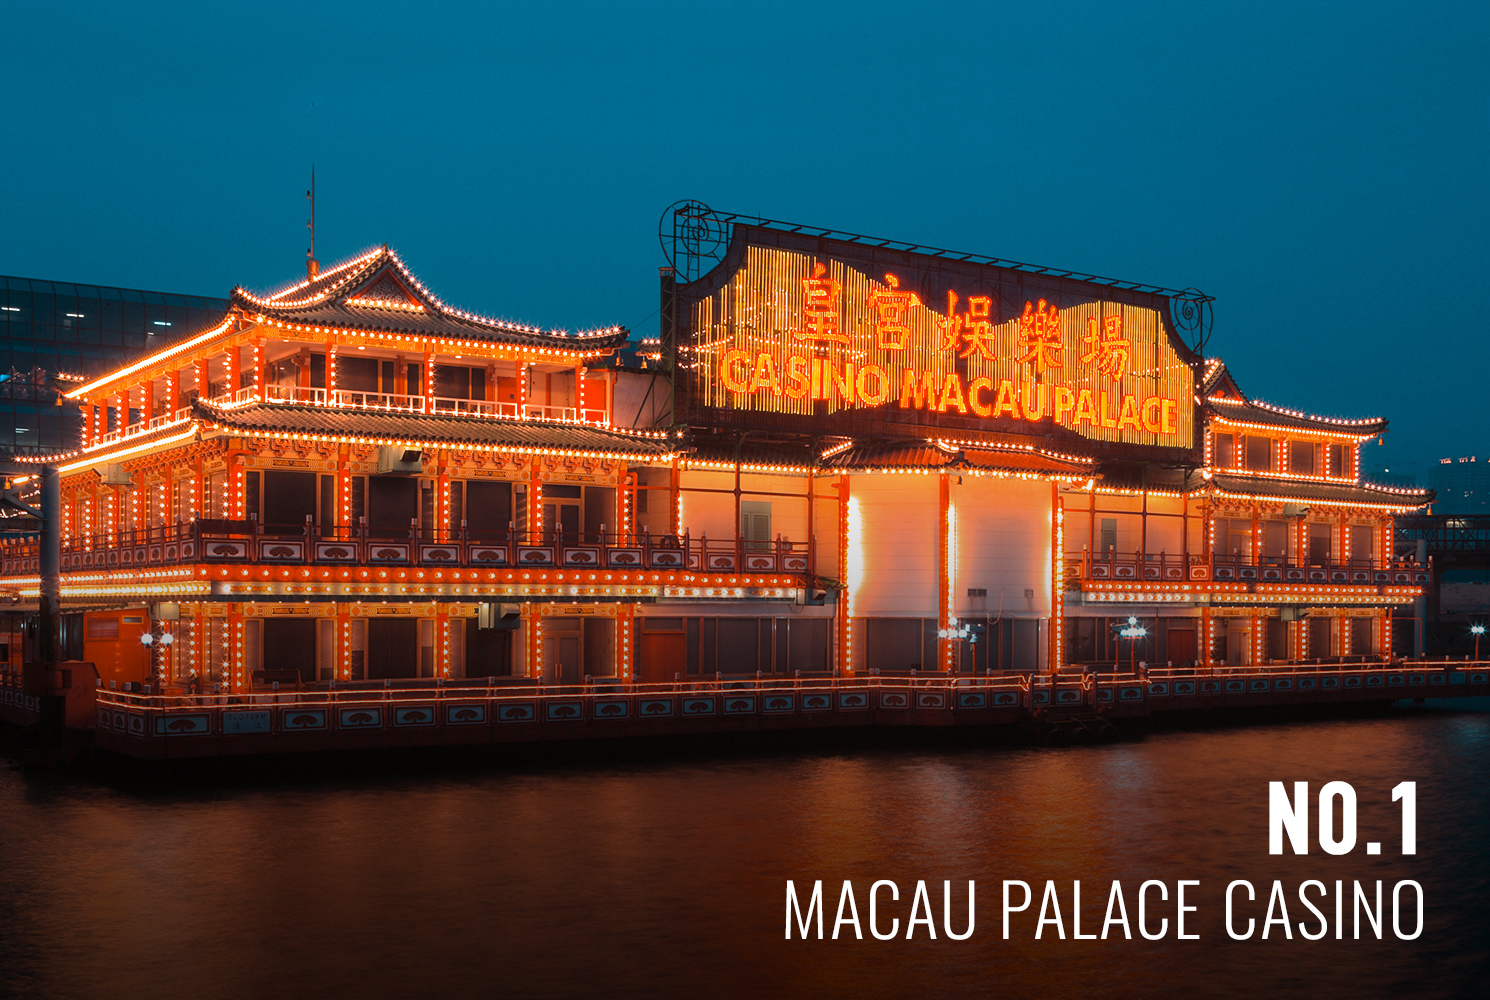 Macau Palace